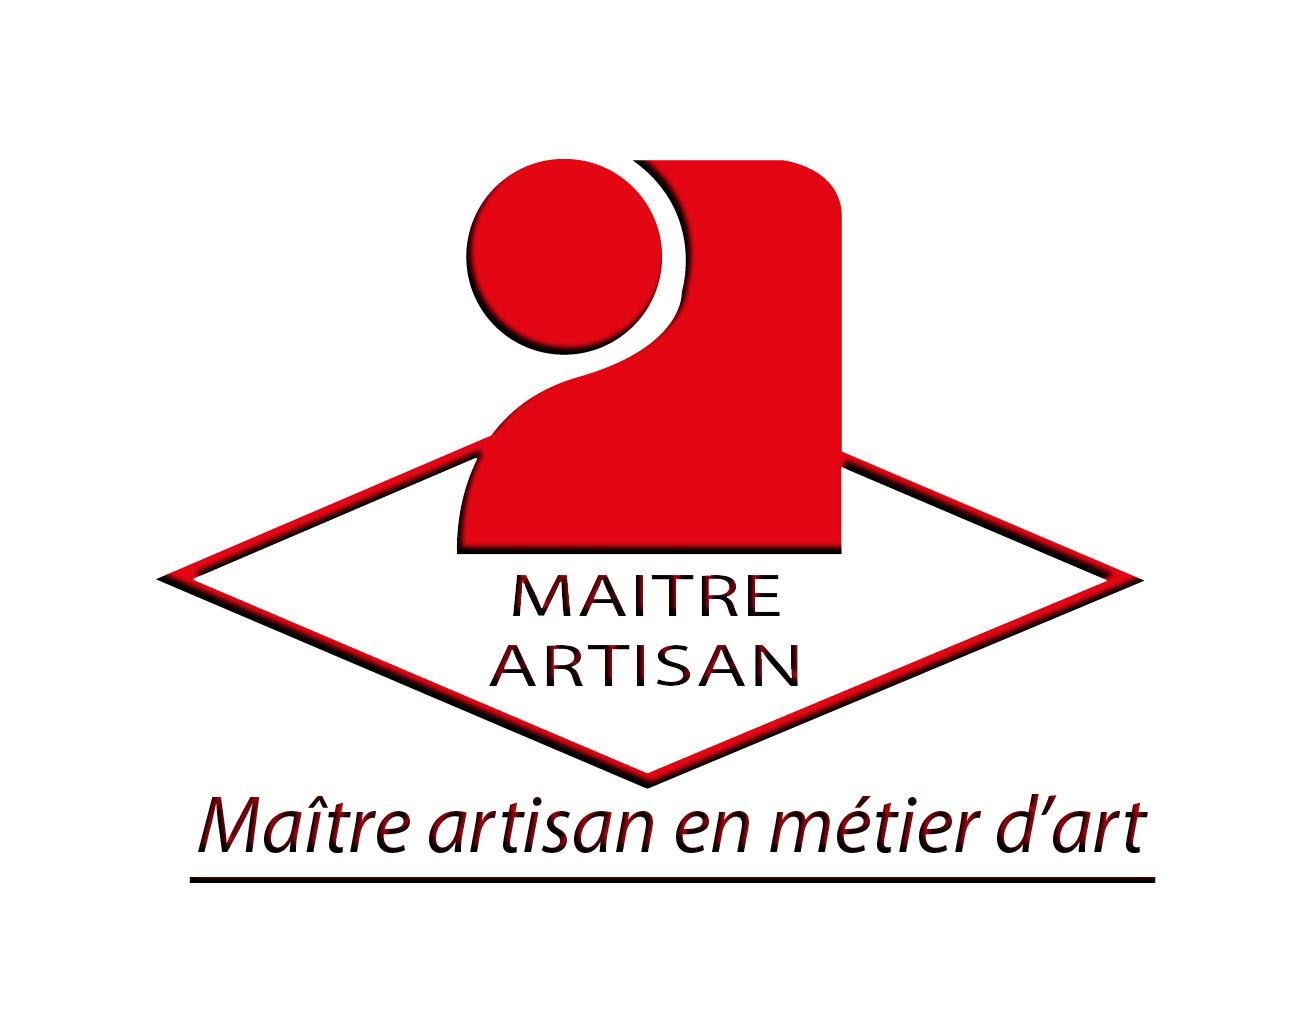 Artisanart pierrick wiel artisan du cuir for What is a maitre d